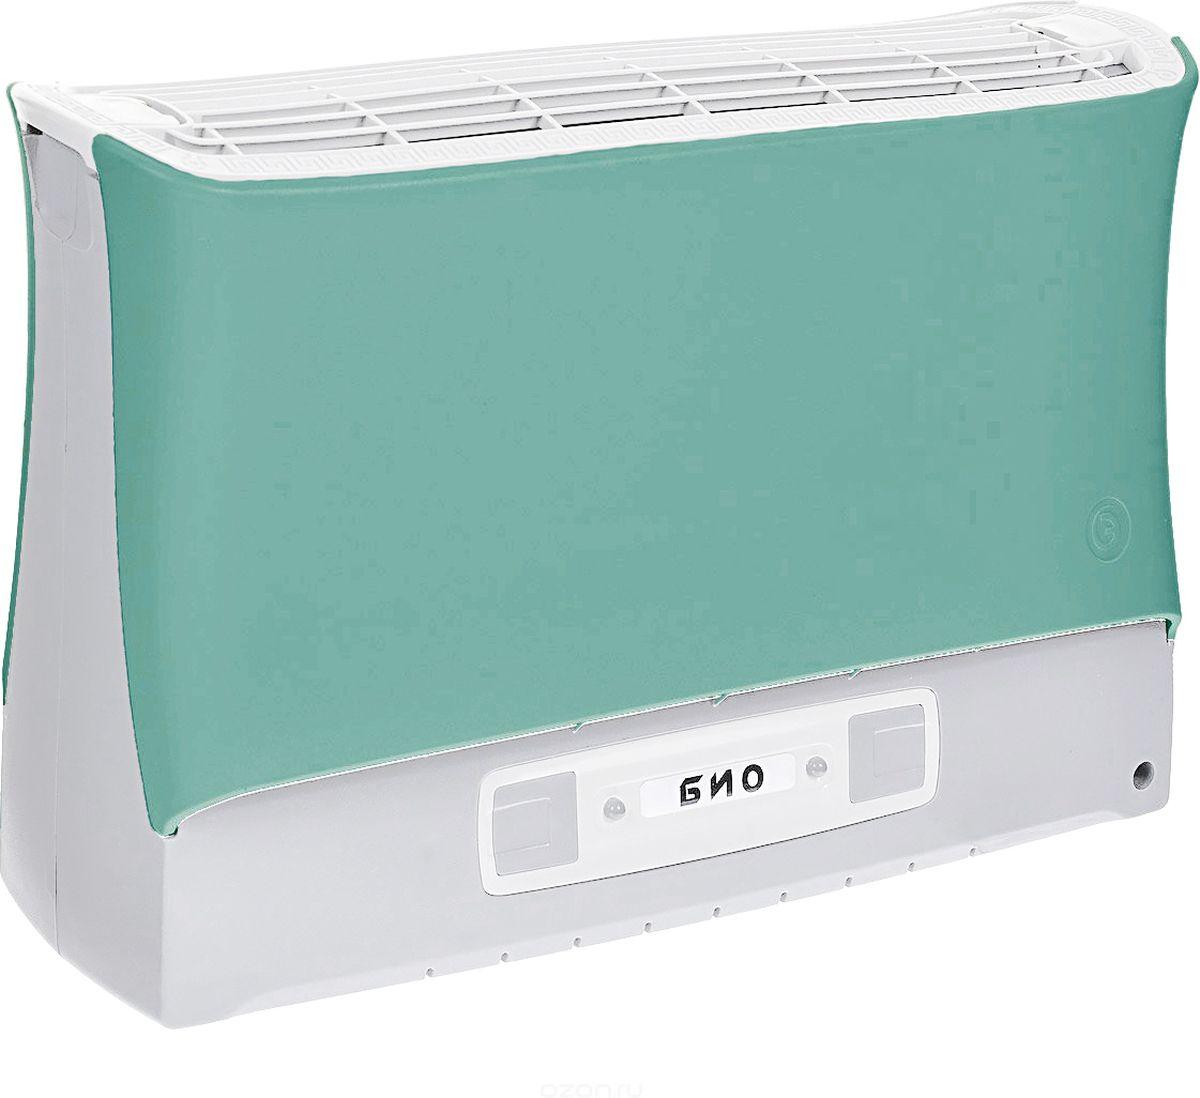 Супер Плюс Био очиститель воздуха, цвет зеленый - Воздухоочистители